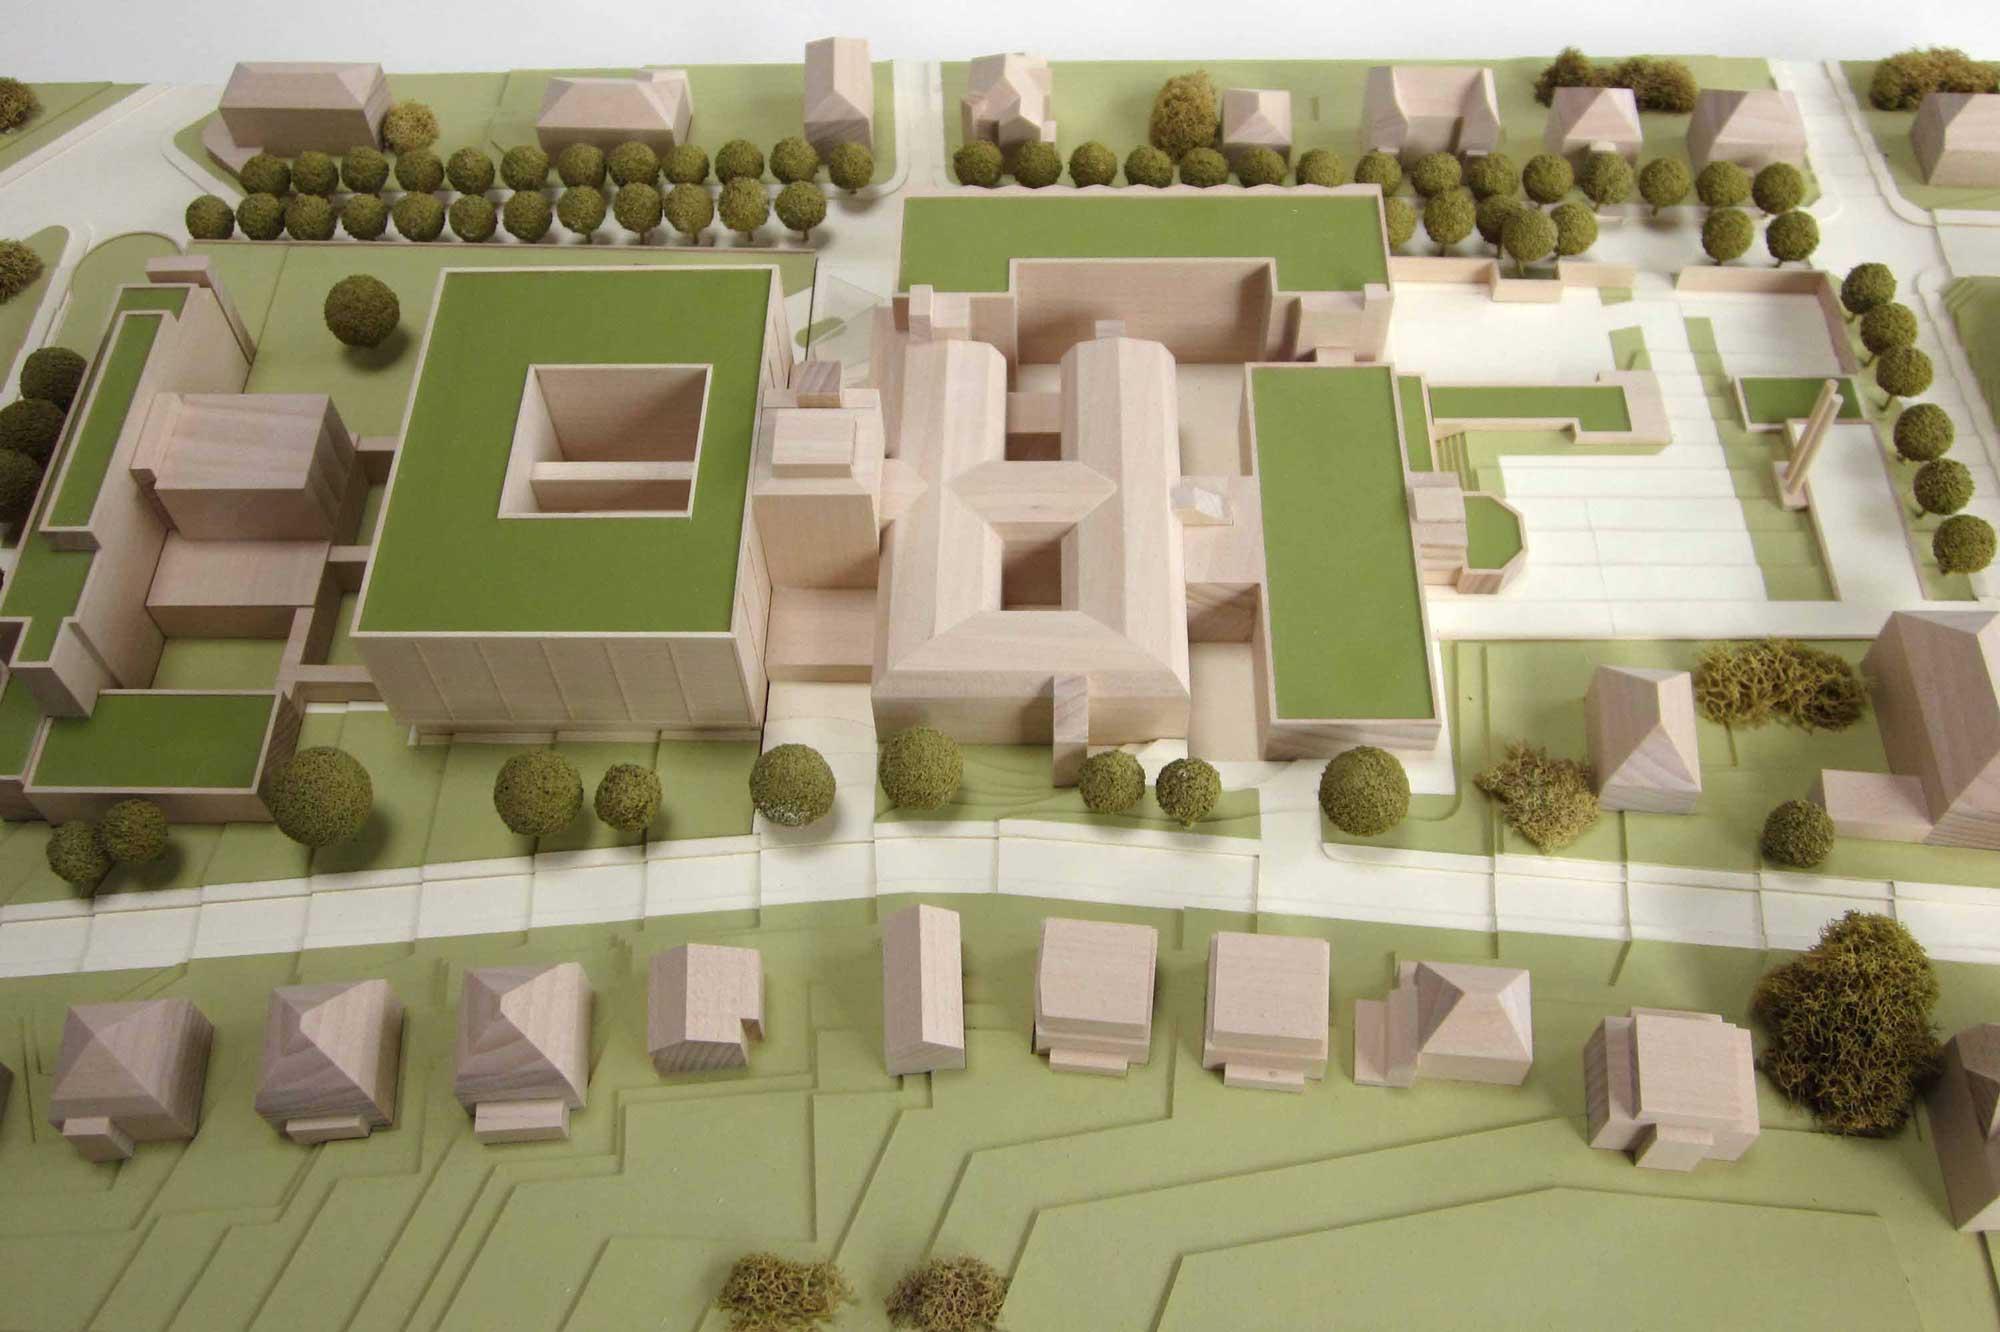 Modell des Klinikum Wiesbaden Zustand A